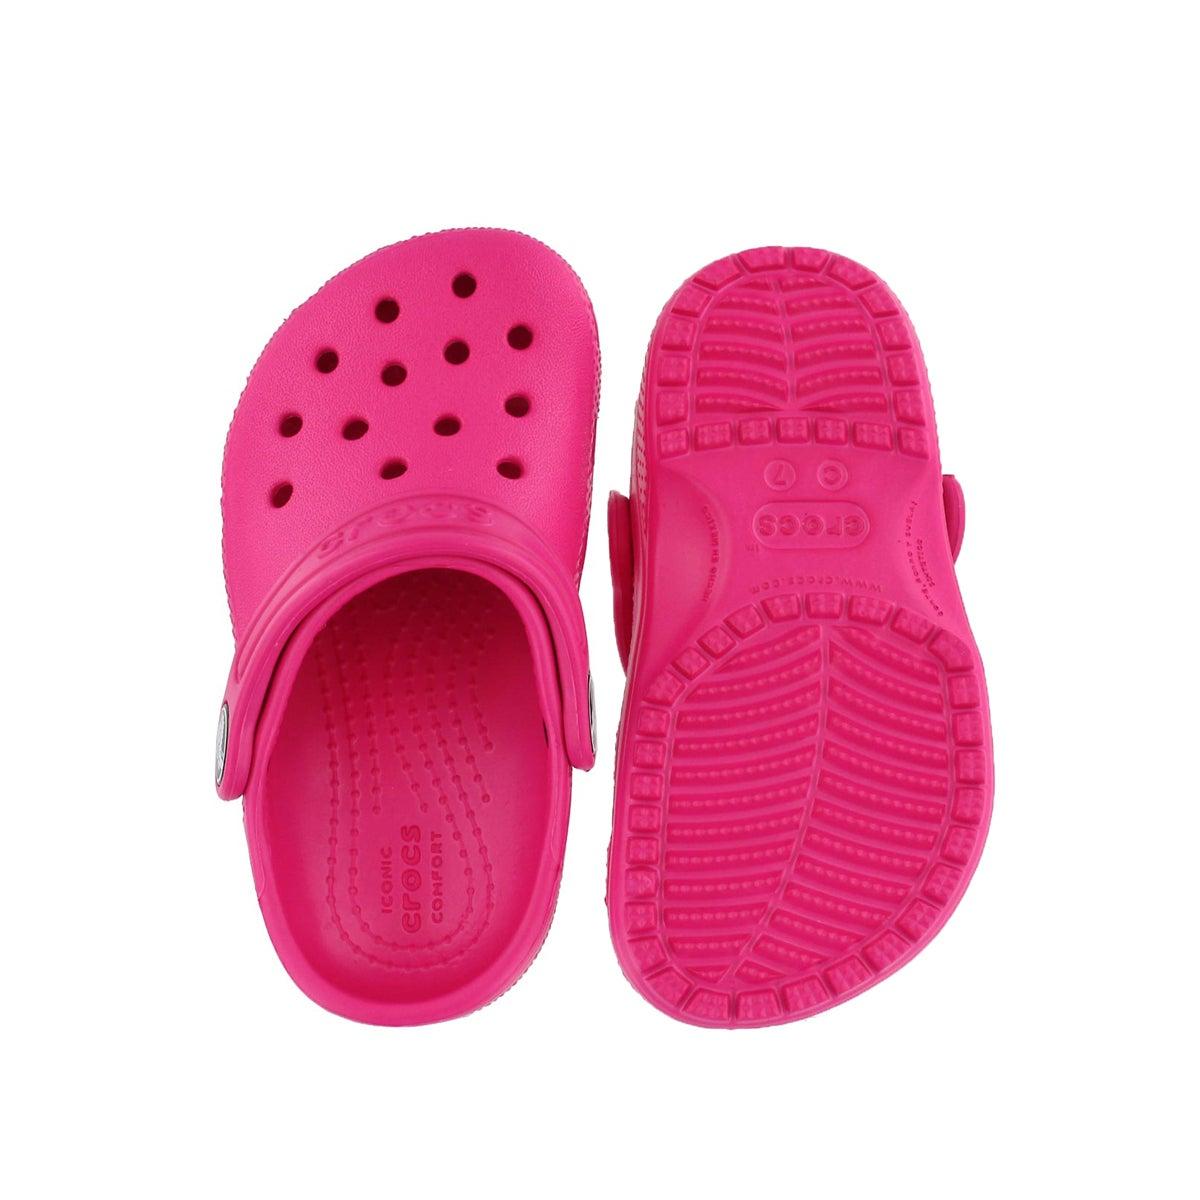 Infs Classic candy pink EVA comfort clog